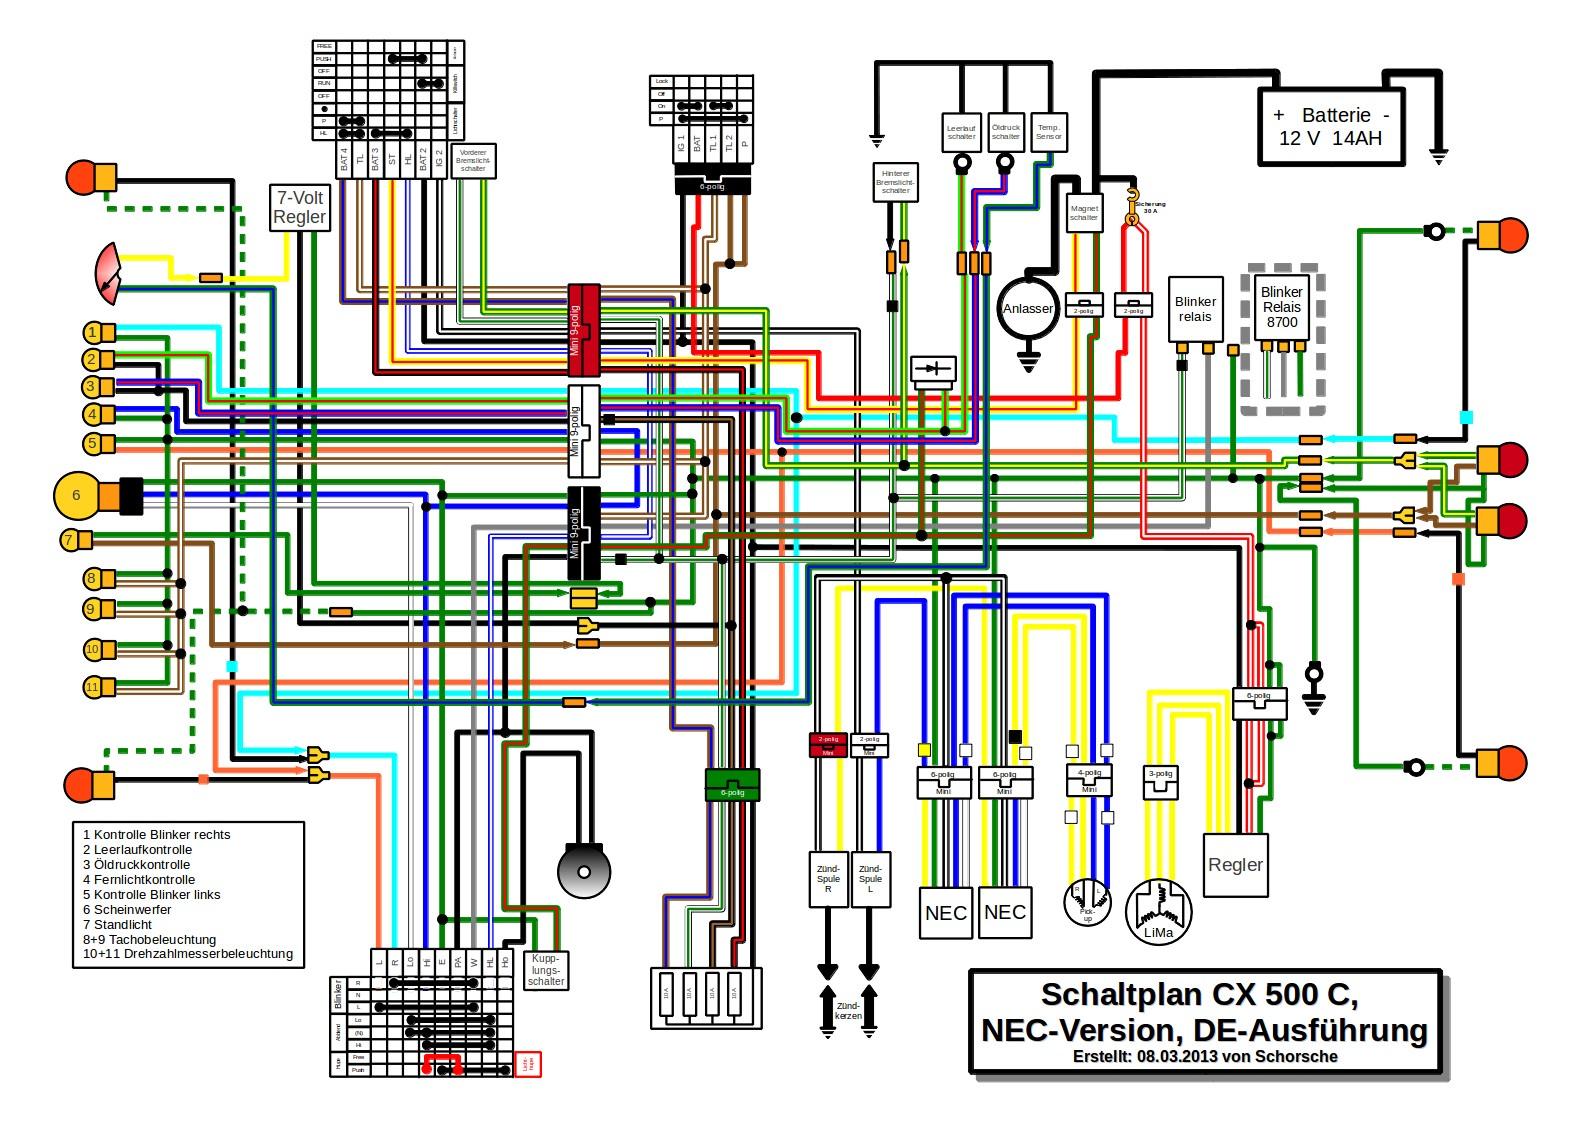 honda cx500 ignition wiring diagram diy enthusiasts wiring diagrams u2022 rh okdrywall co 1978 Honda CB750K Wiring-Diagram Honda CB 750 Wiring Diagram